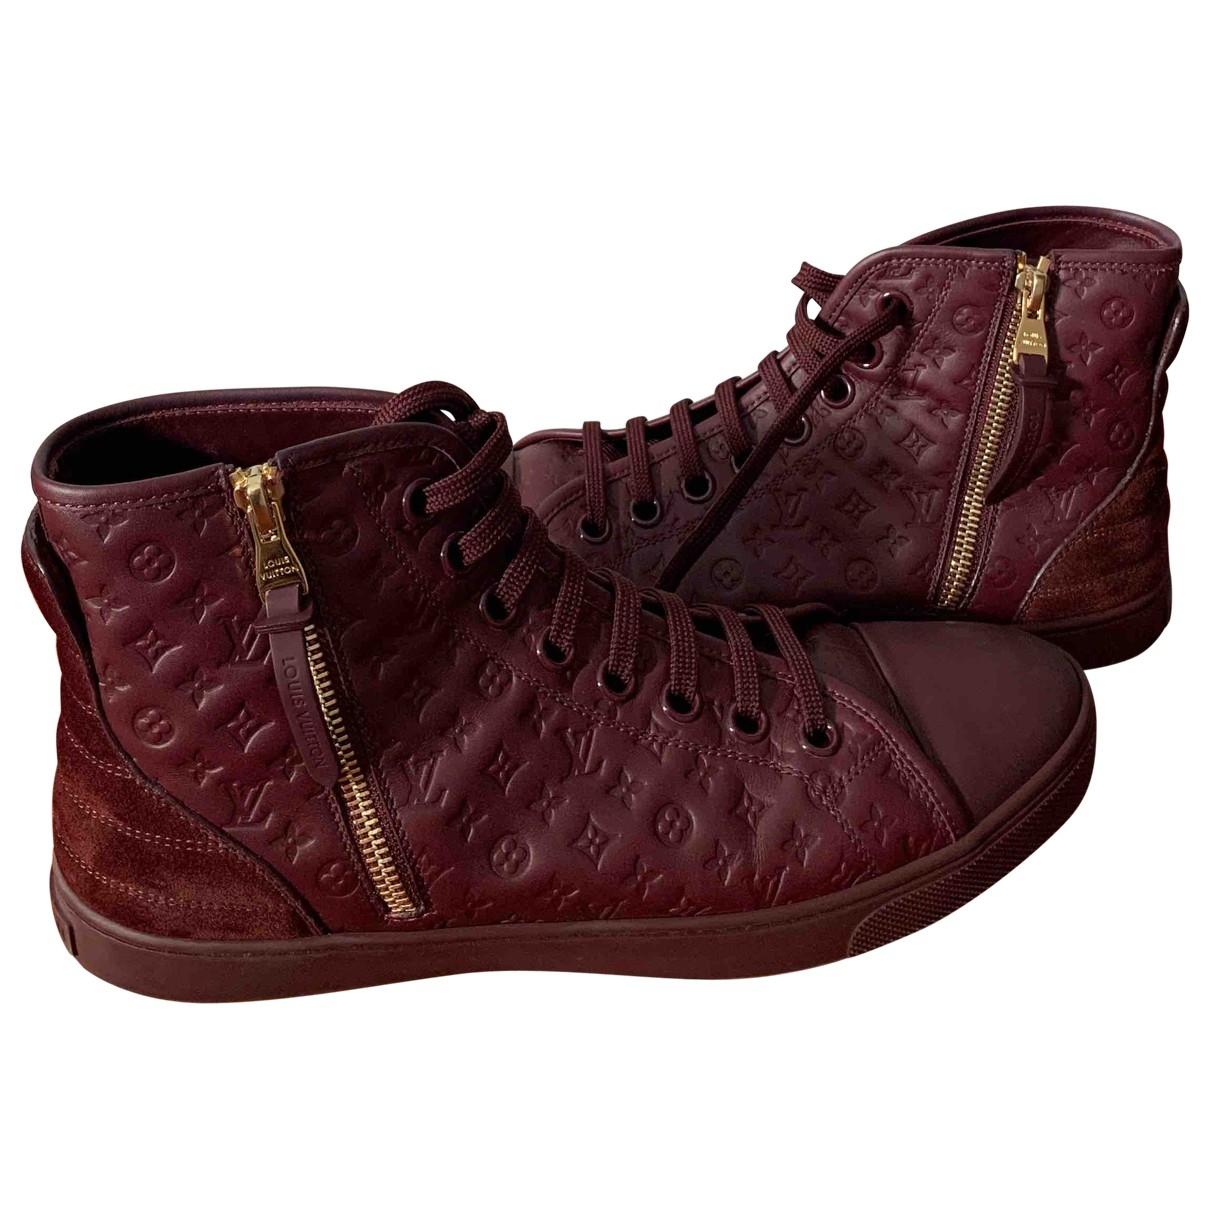 Louis Vuitton - Baskets   pour femme en cuir - bordeaux